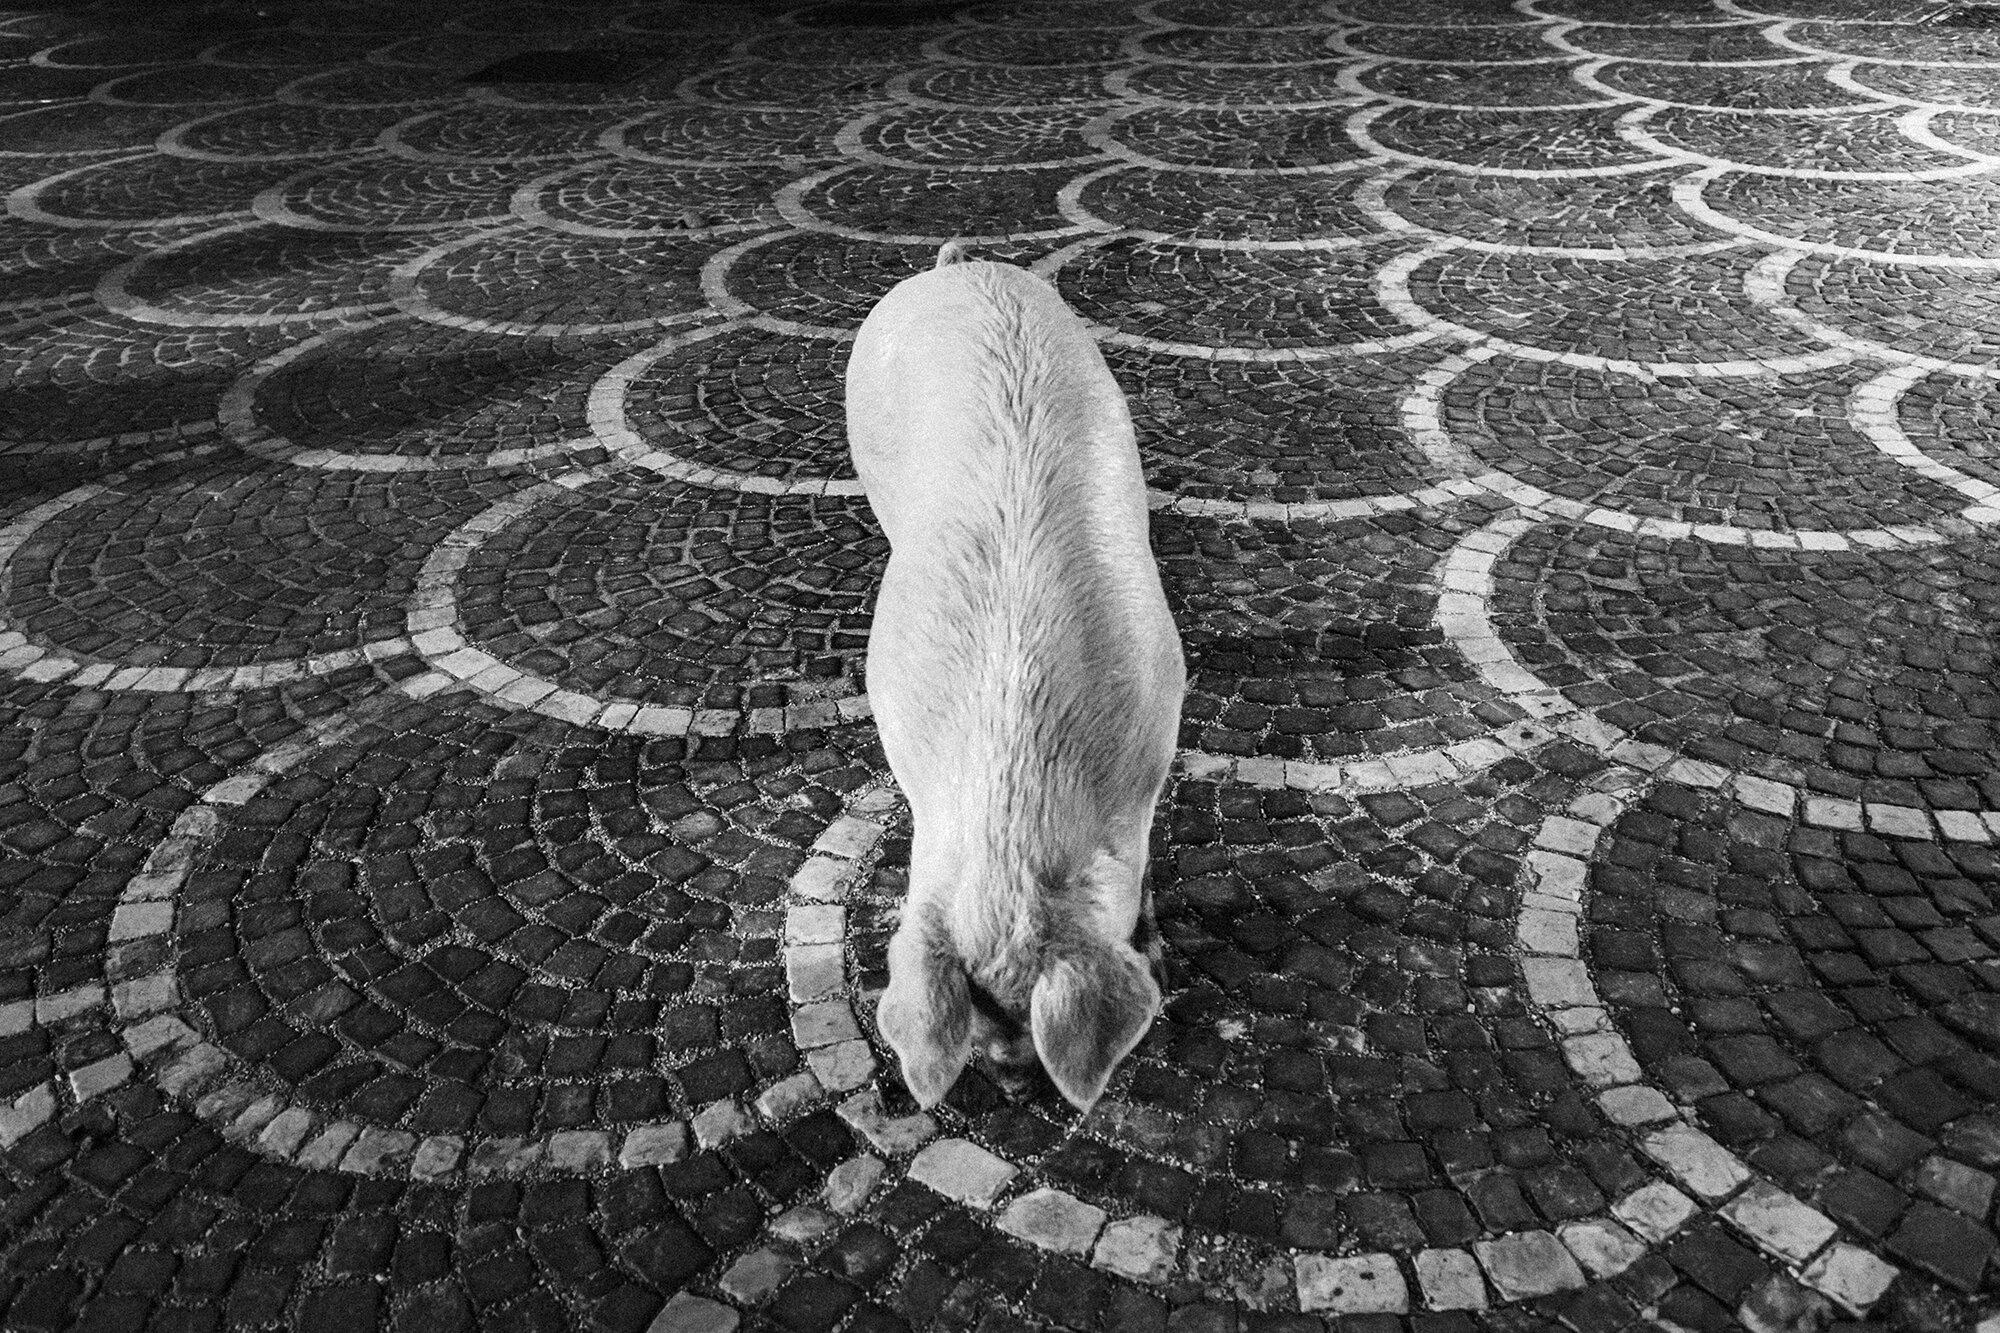 """Il  """"porco di sant'Antonio"""" , una tradizione che tutt'ora resiste in uno solo dei paesi dell'Altomolise.  Questa fotografia è stata scattata durante la prima edizione del workshop , alla presenza dei partecipanti. La seconda versione, differente per punto di ripresa e a colori, presente nel lavoro """"Along the sheperds' highways"""" è stata pubblicata da Stern magazine in Germania e da La vie in Francia nei mesi scorsi. Cosa significa? Nulla, solamente che non sempre occorre andare lontano per fare fotografia e ottenere dei risultati. ©Giuseppe Nucci"""